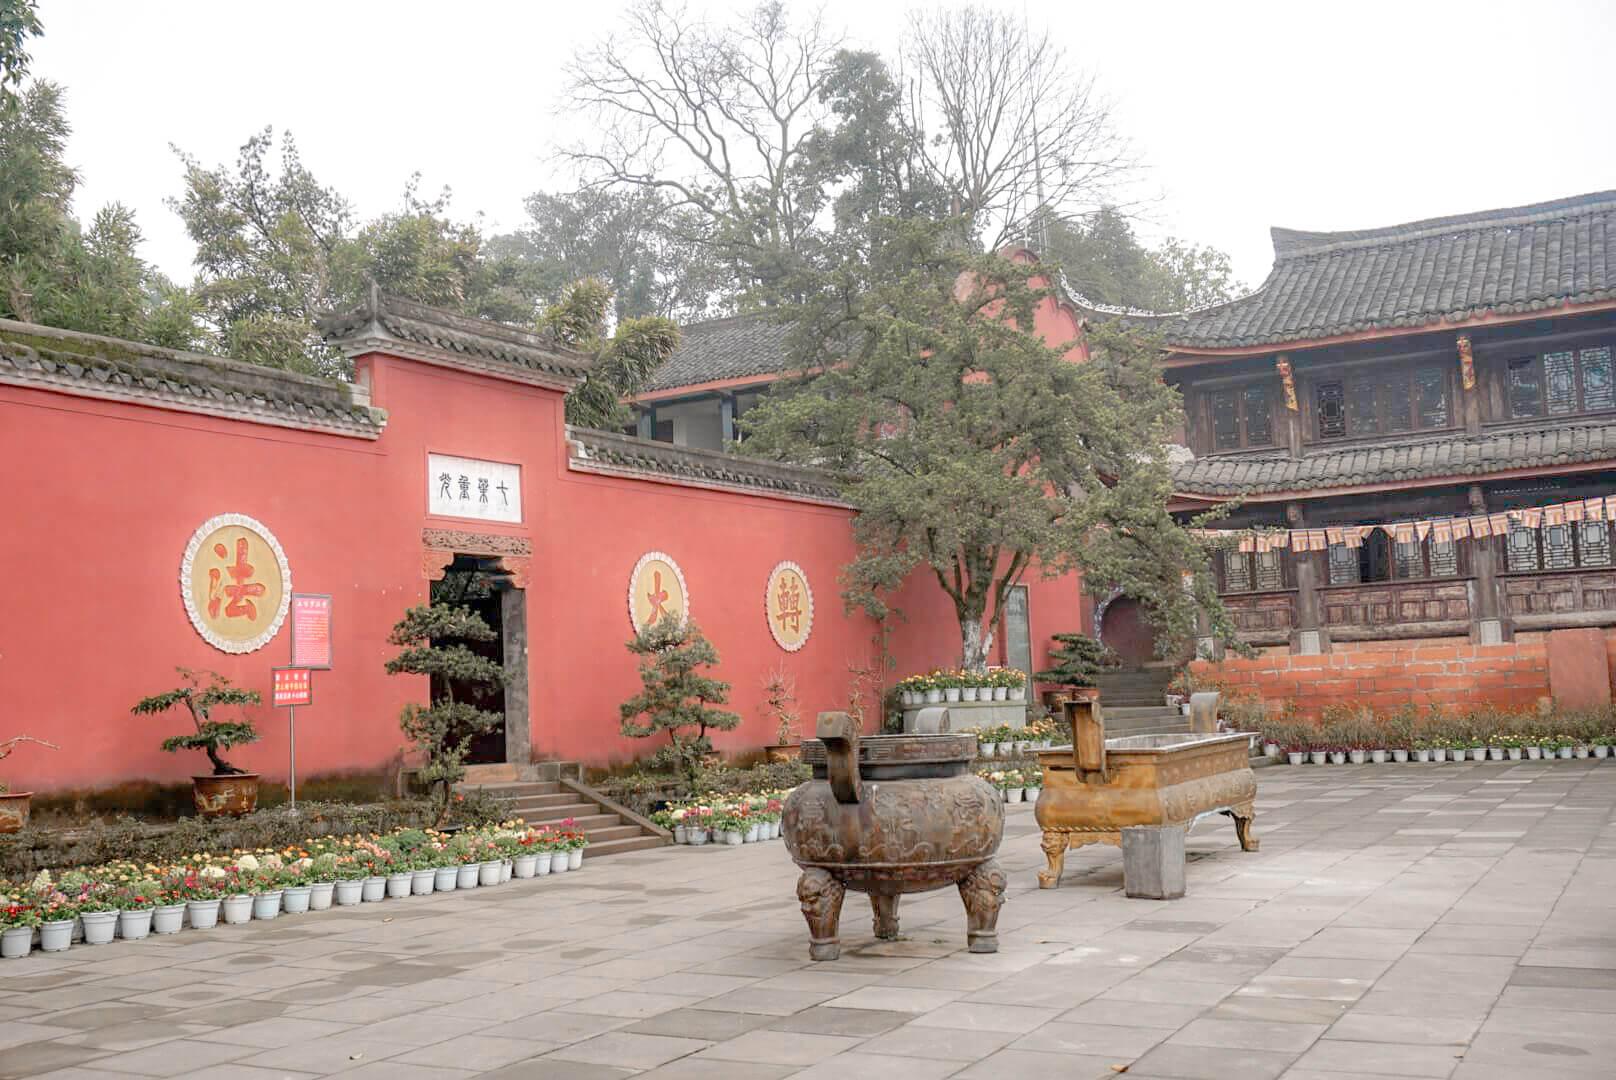 comment aller au parc du bouddha leshan chine blog voyage